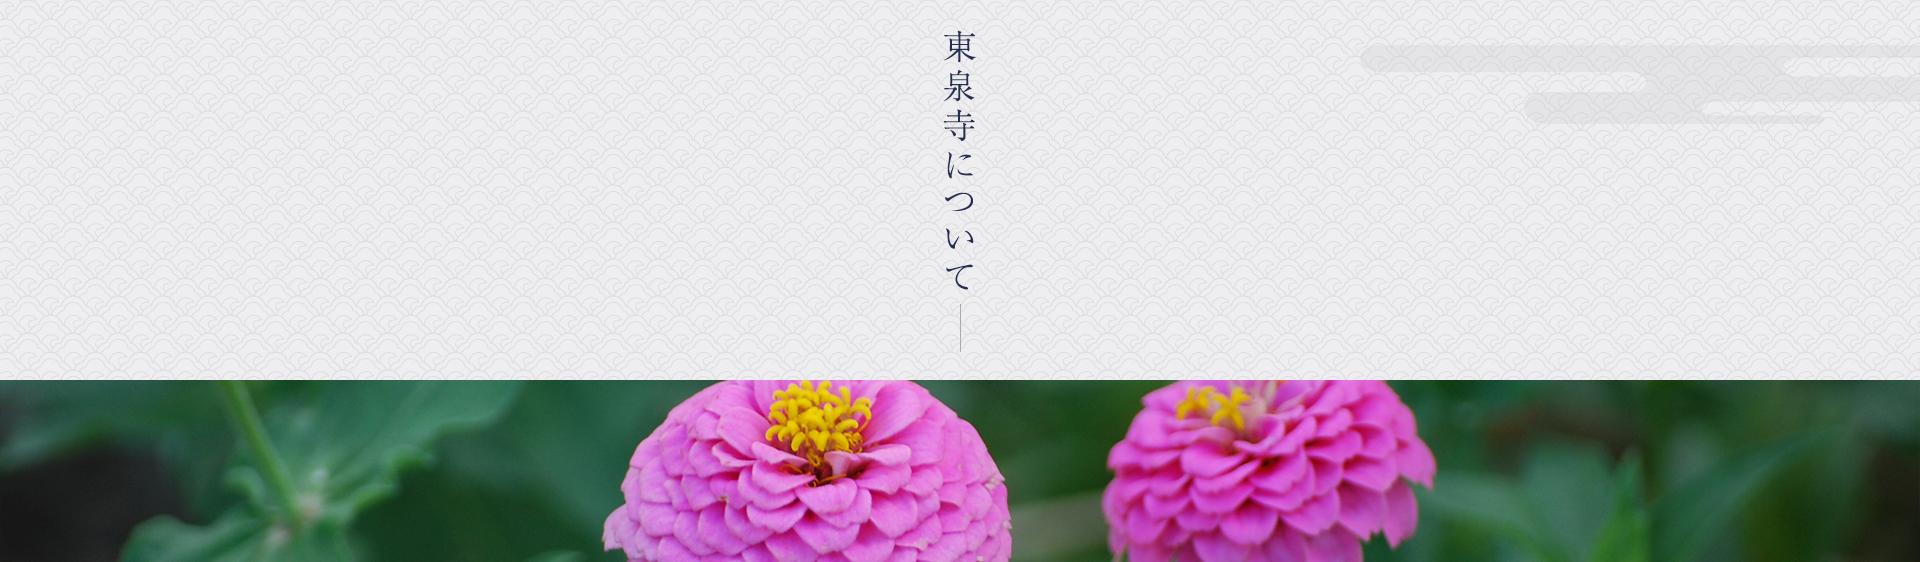 東泉寺について